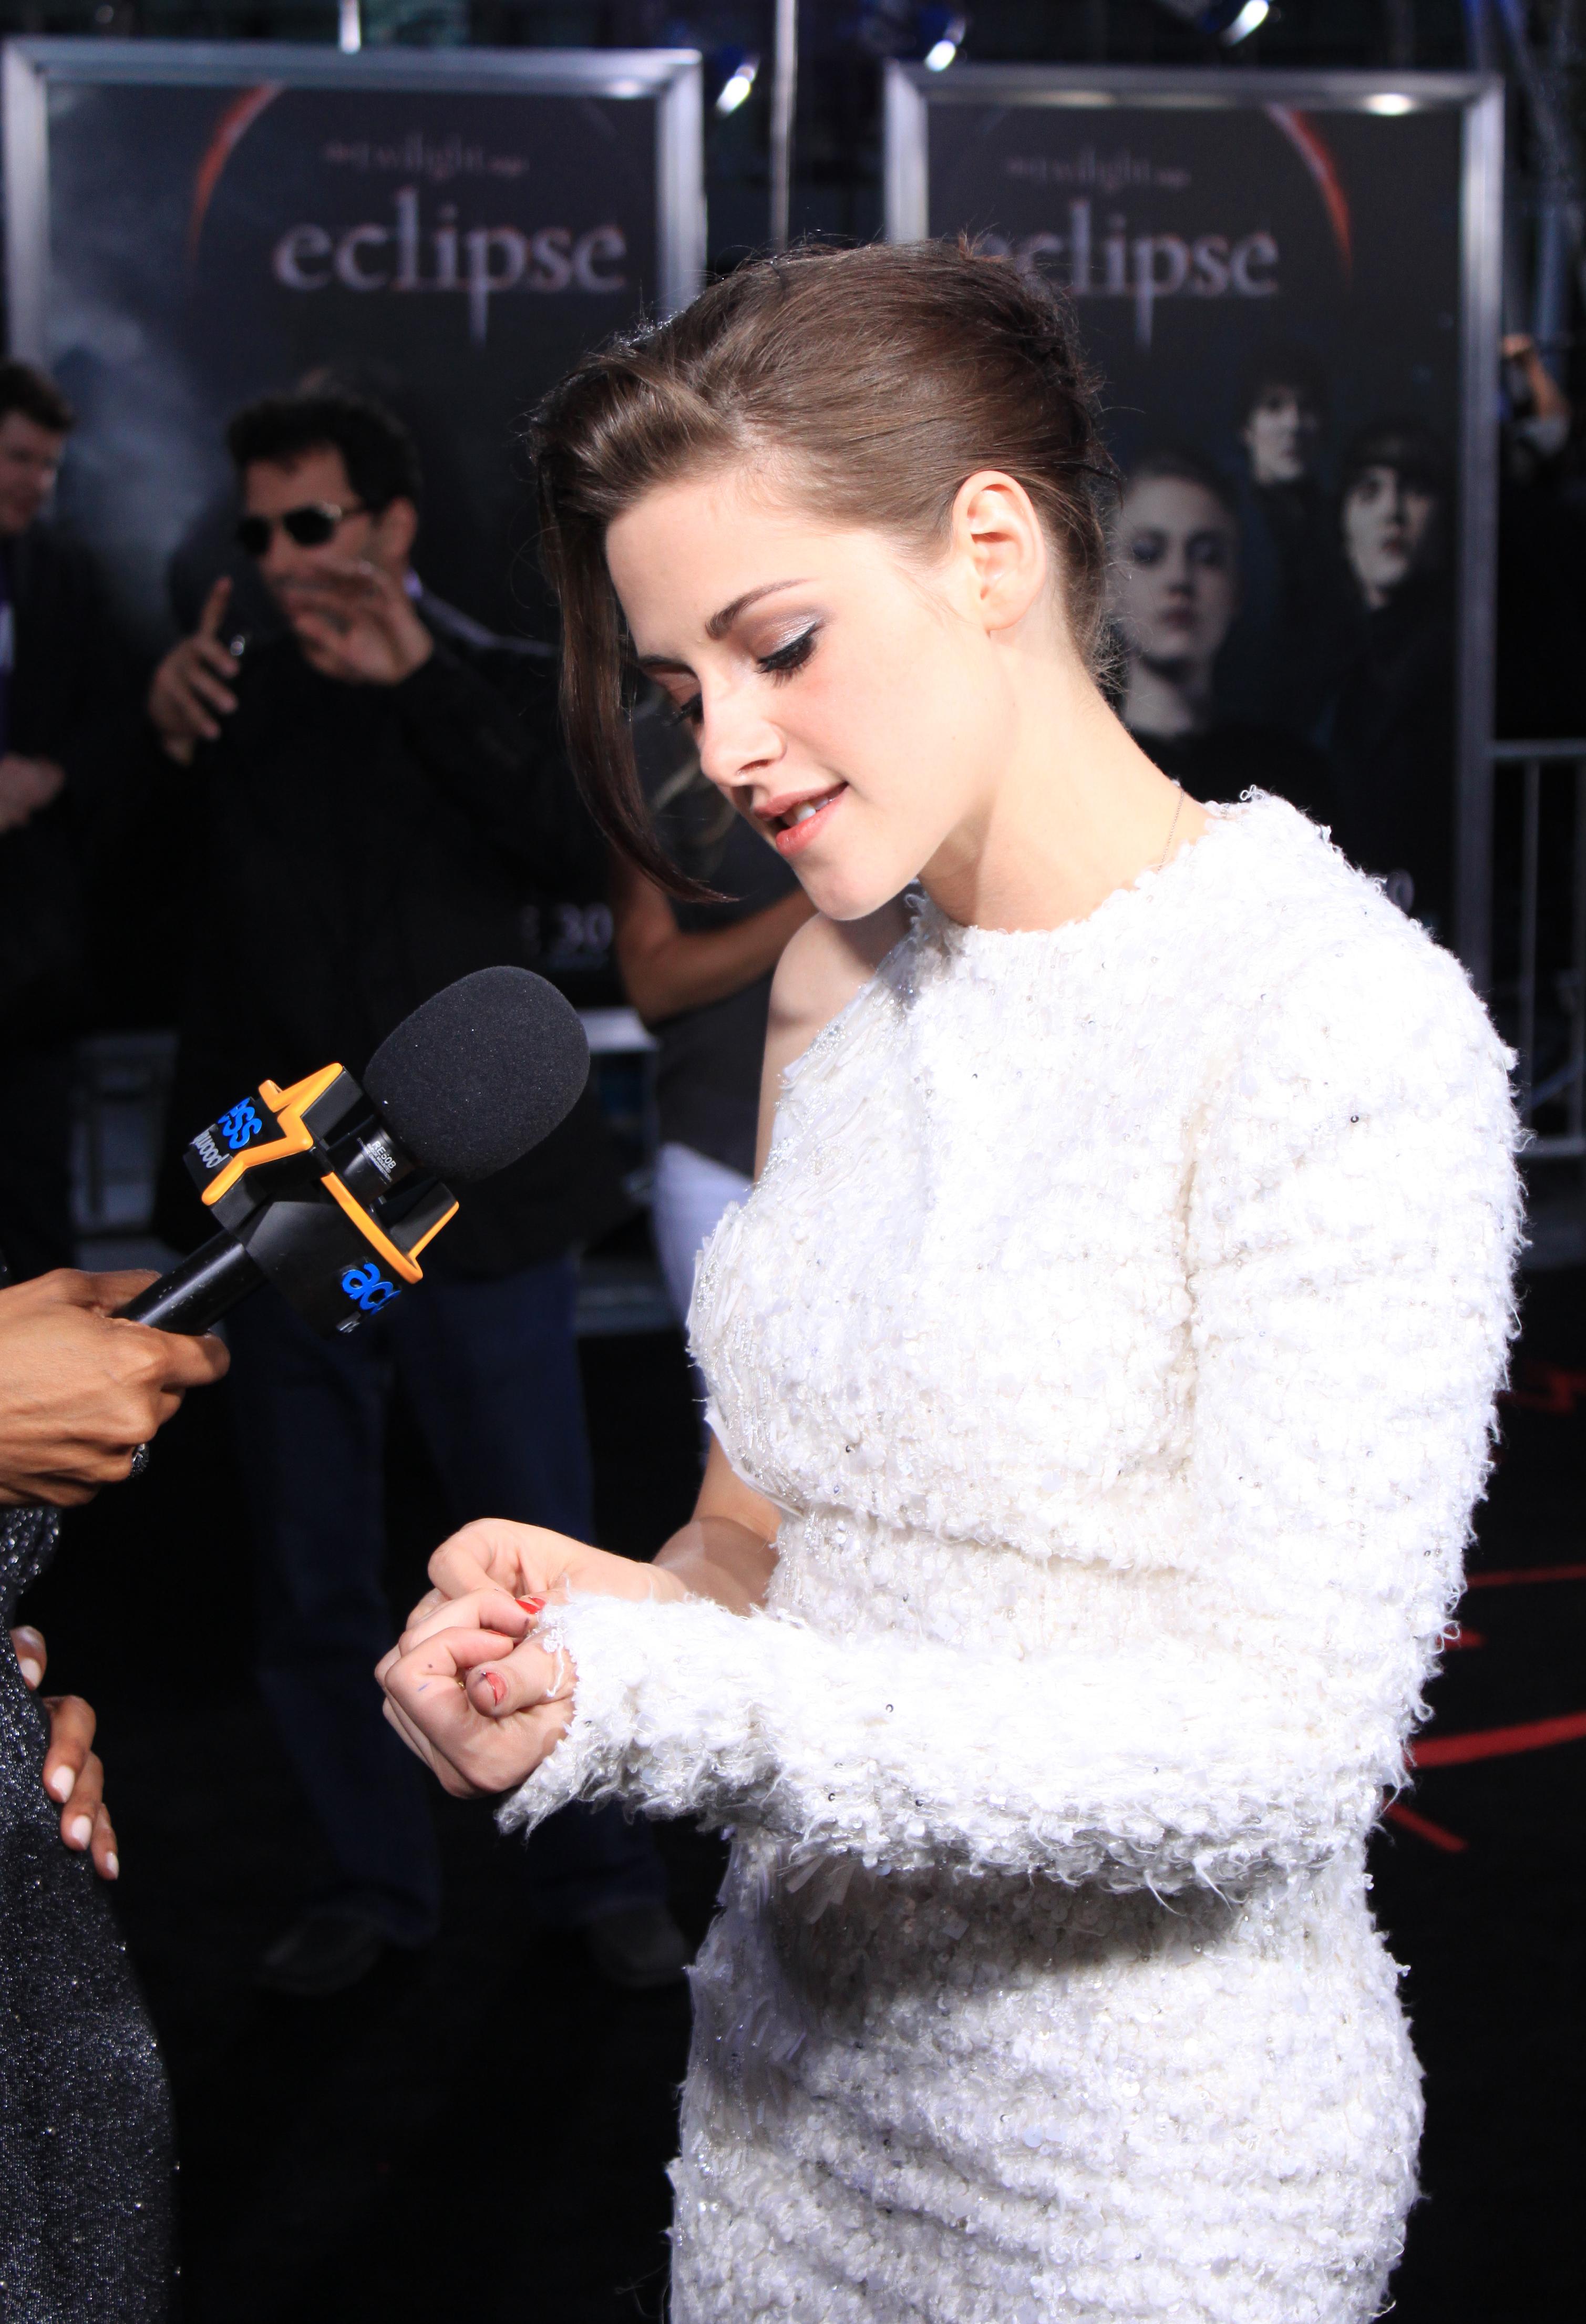 Kristen and Shaun Robinson at the Eclipse Premiere in LA 3